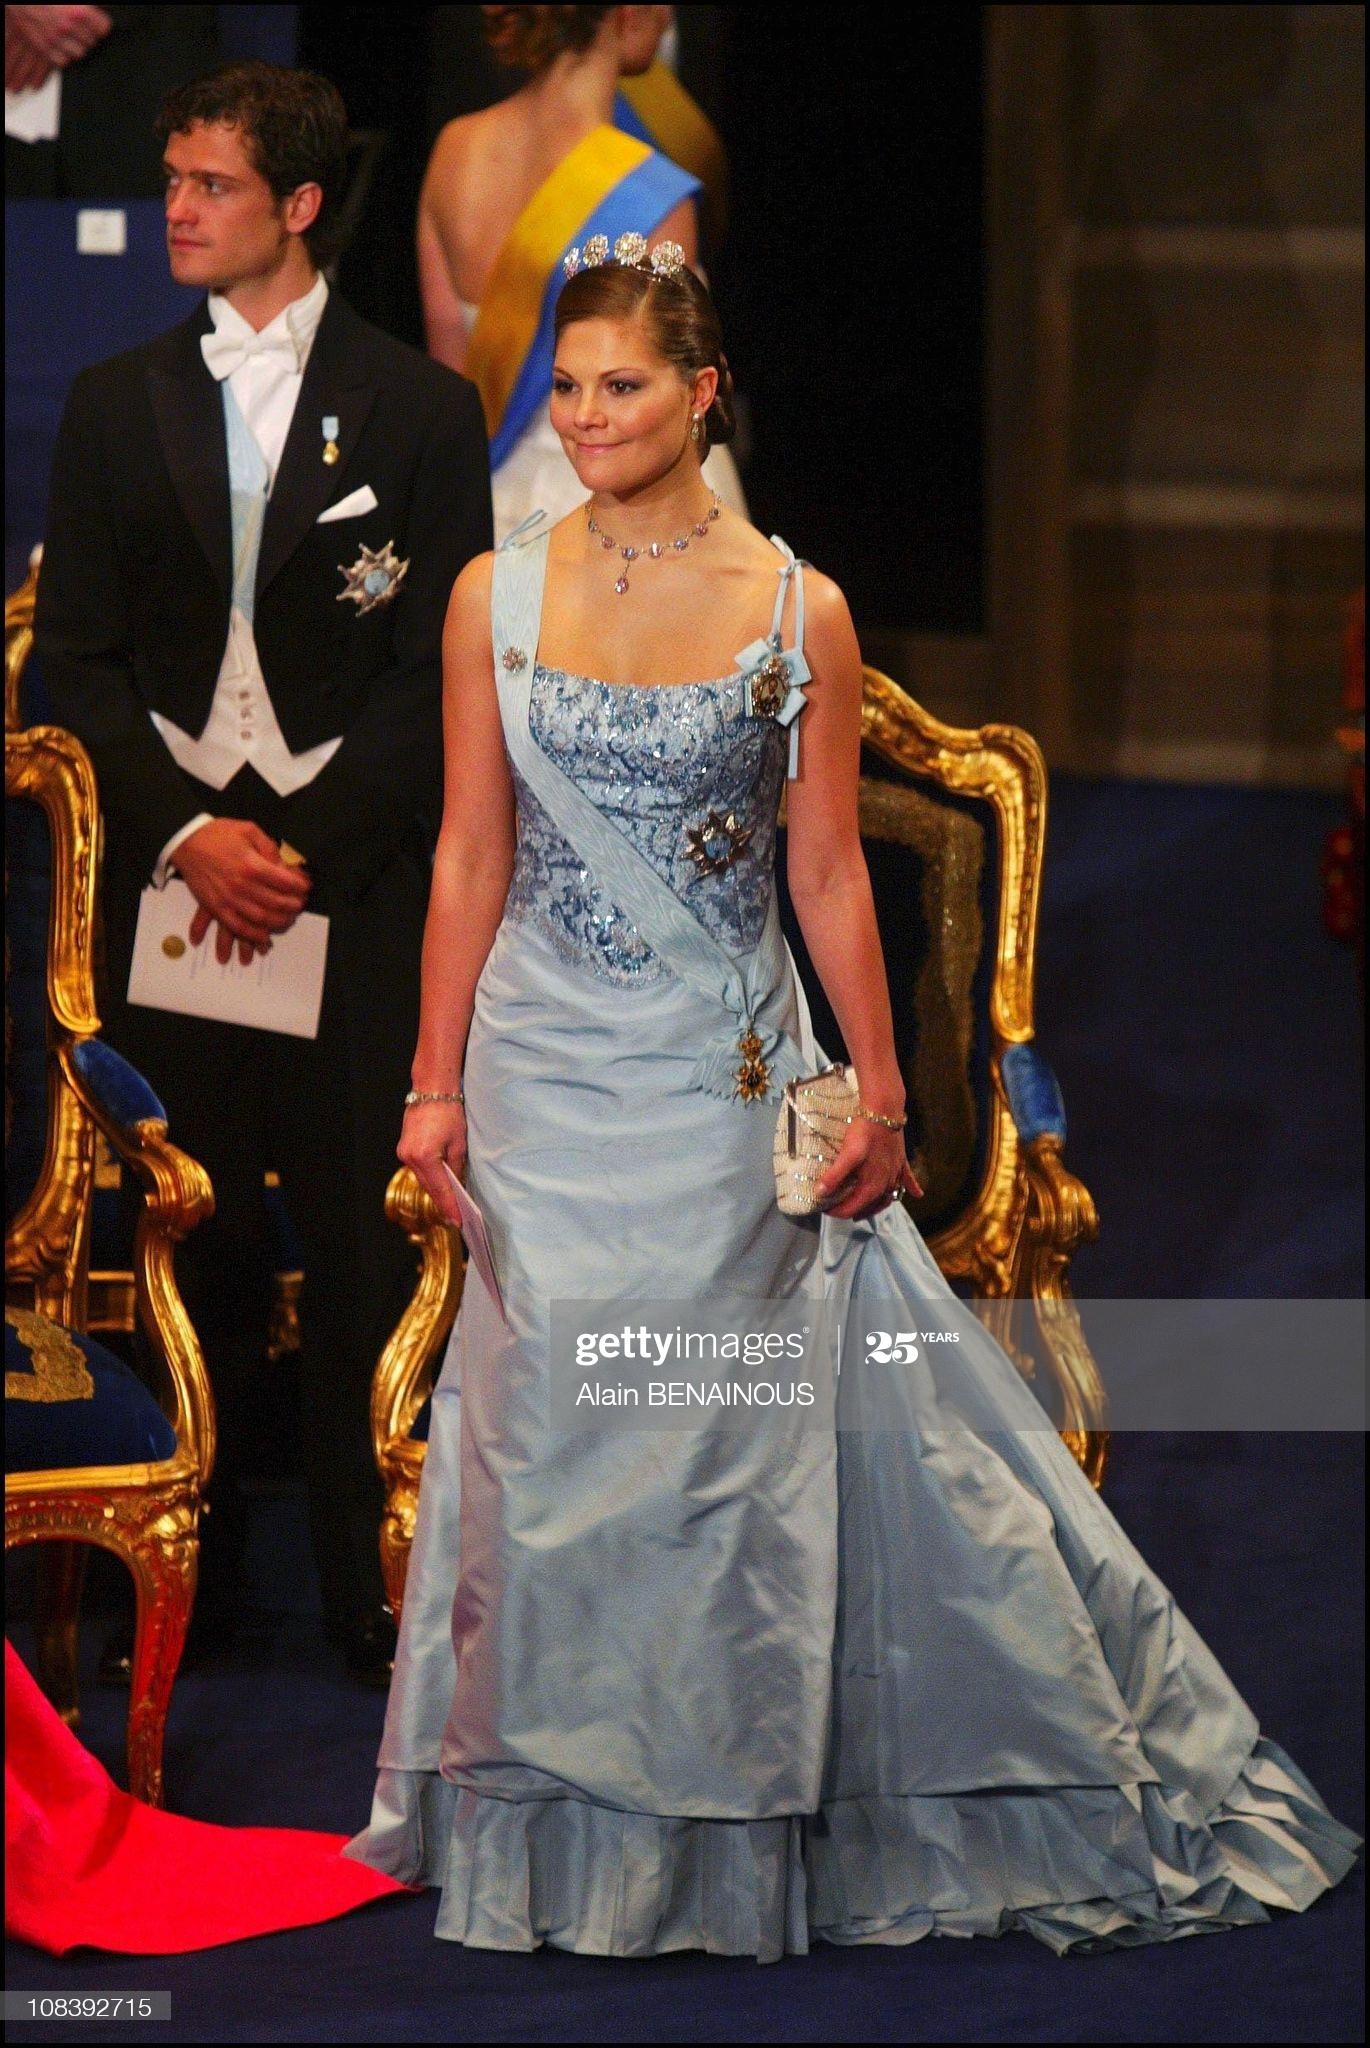 2003 г- шёлковое платье цвета голубого льда от шведского Lars Wallin